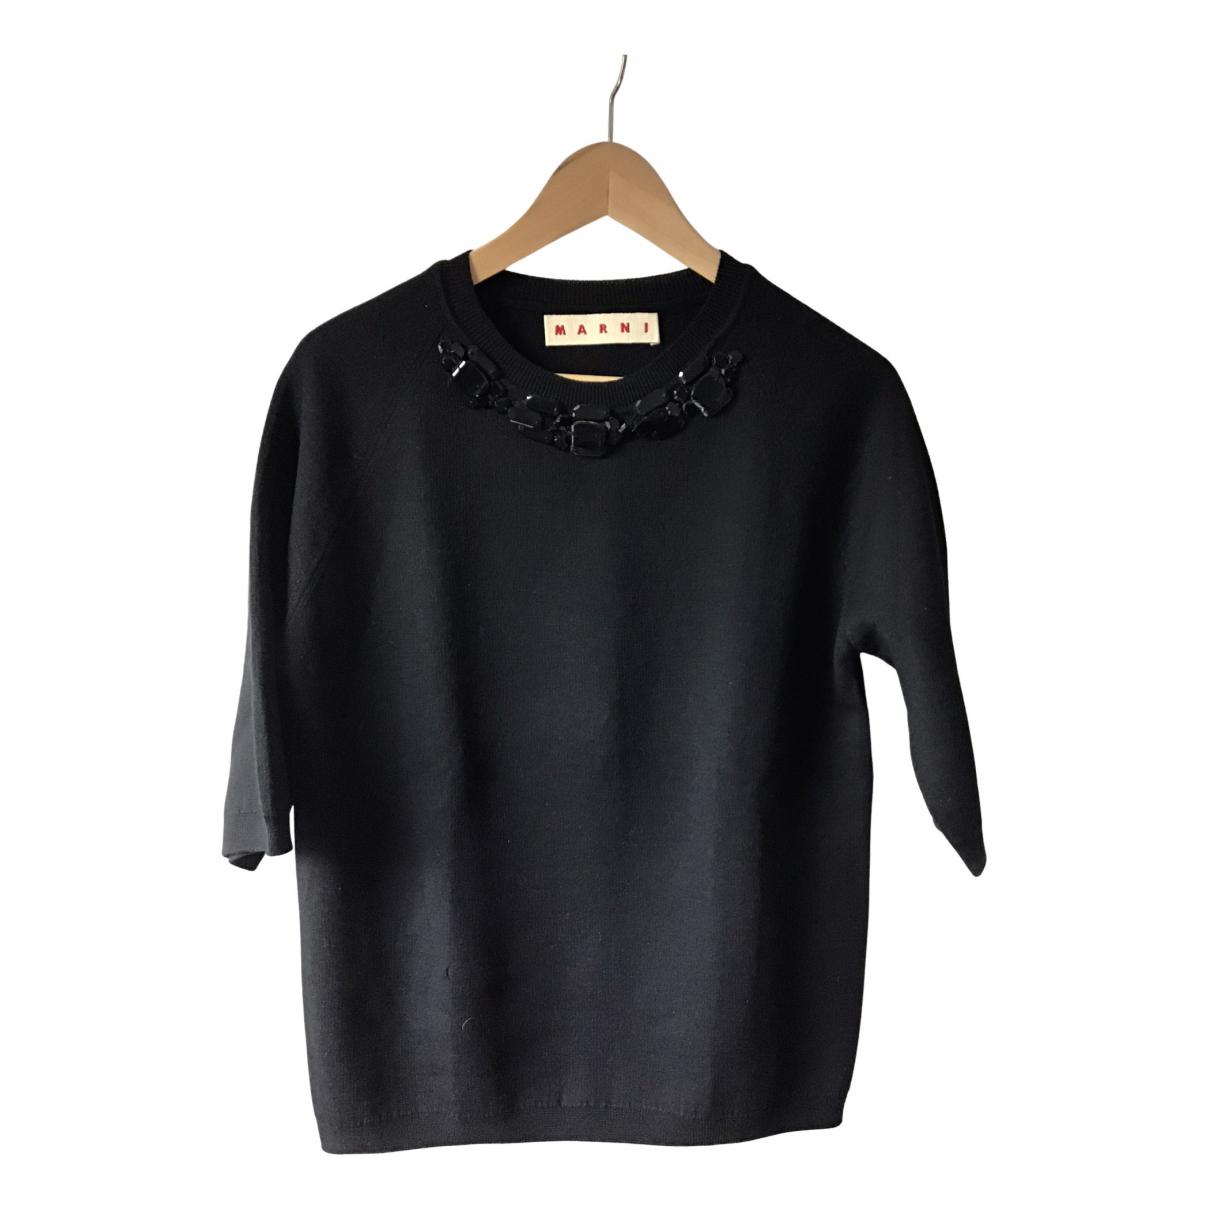 Marni - Pull   pour femme en laine - noir